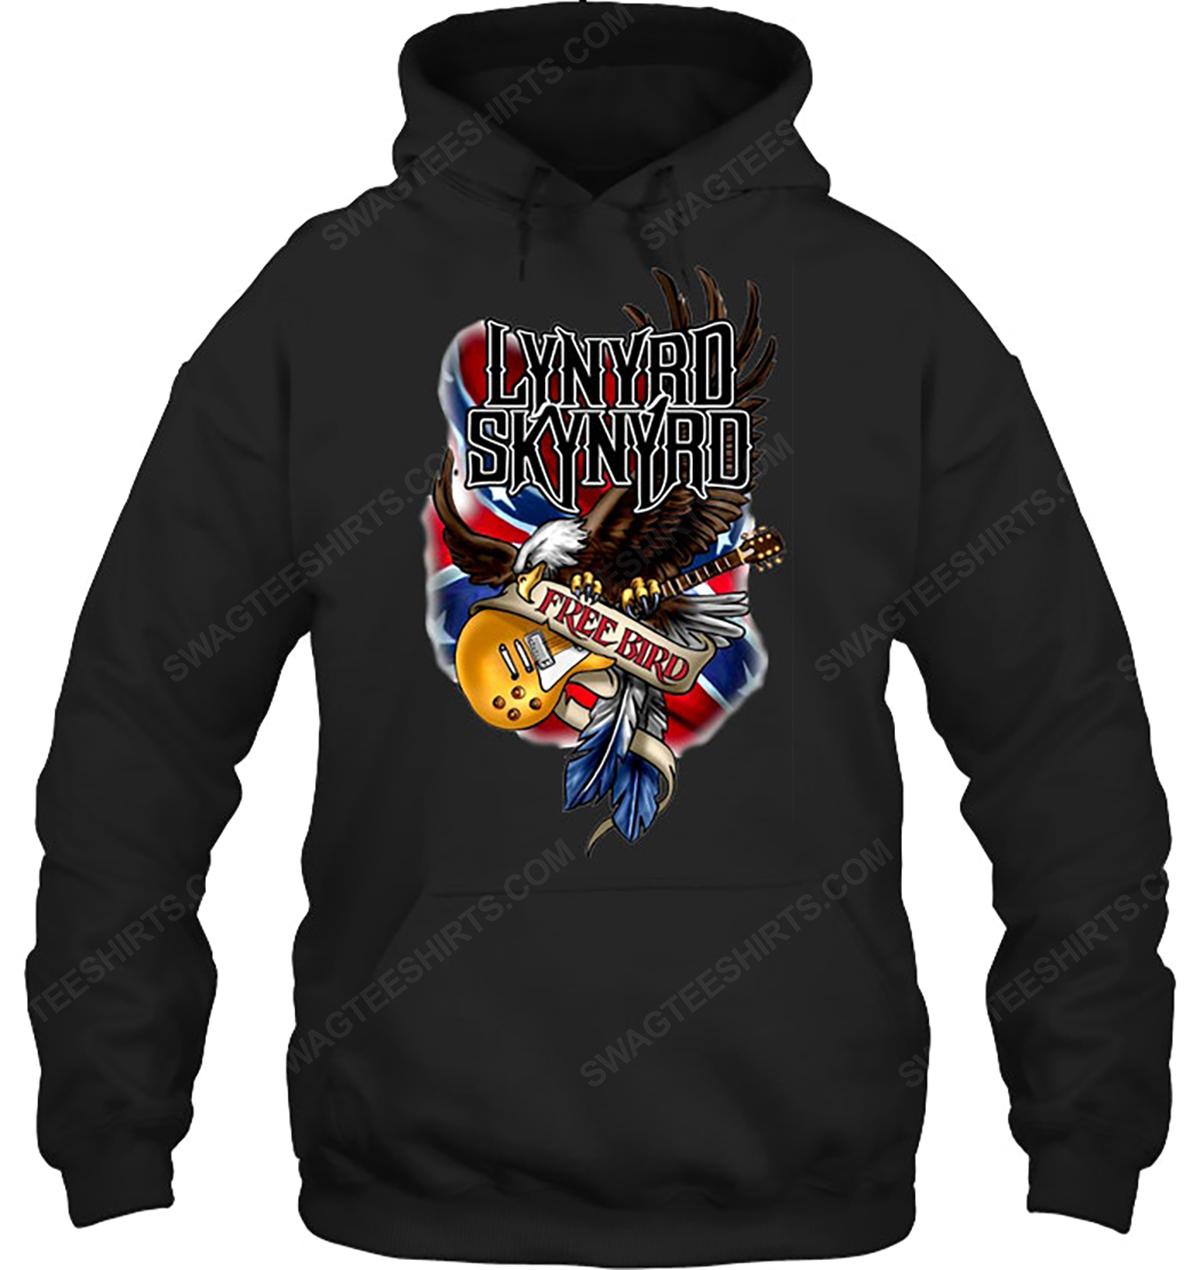 Rock band lynyrd skynyrd free bird hoodie 1